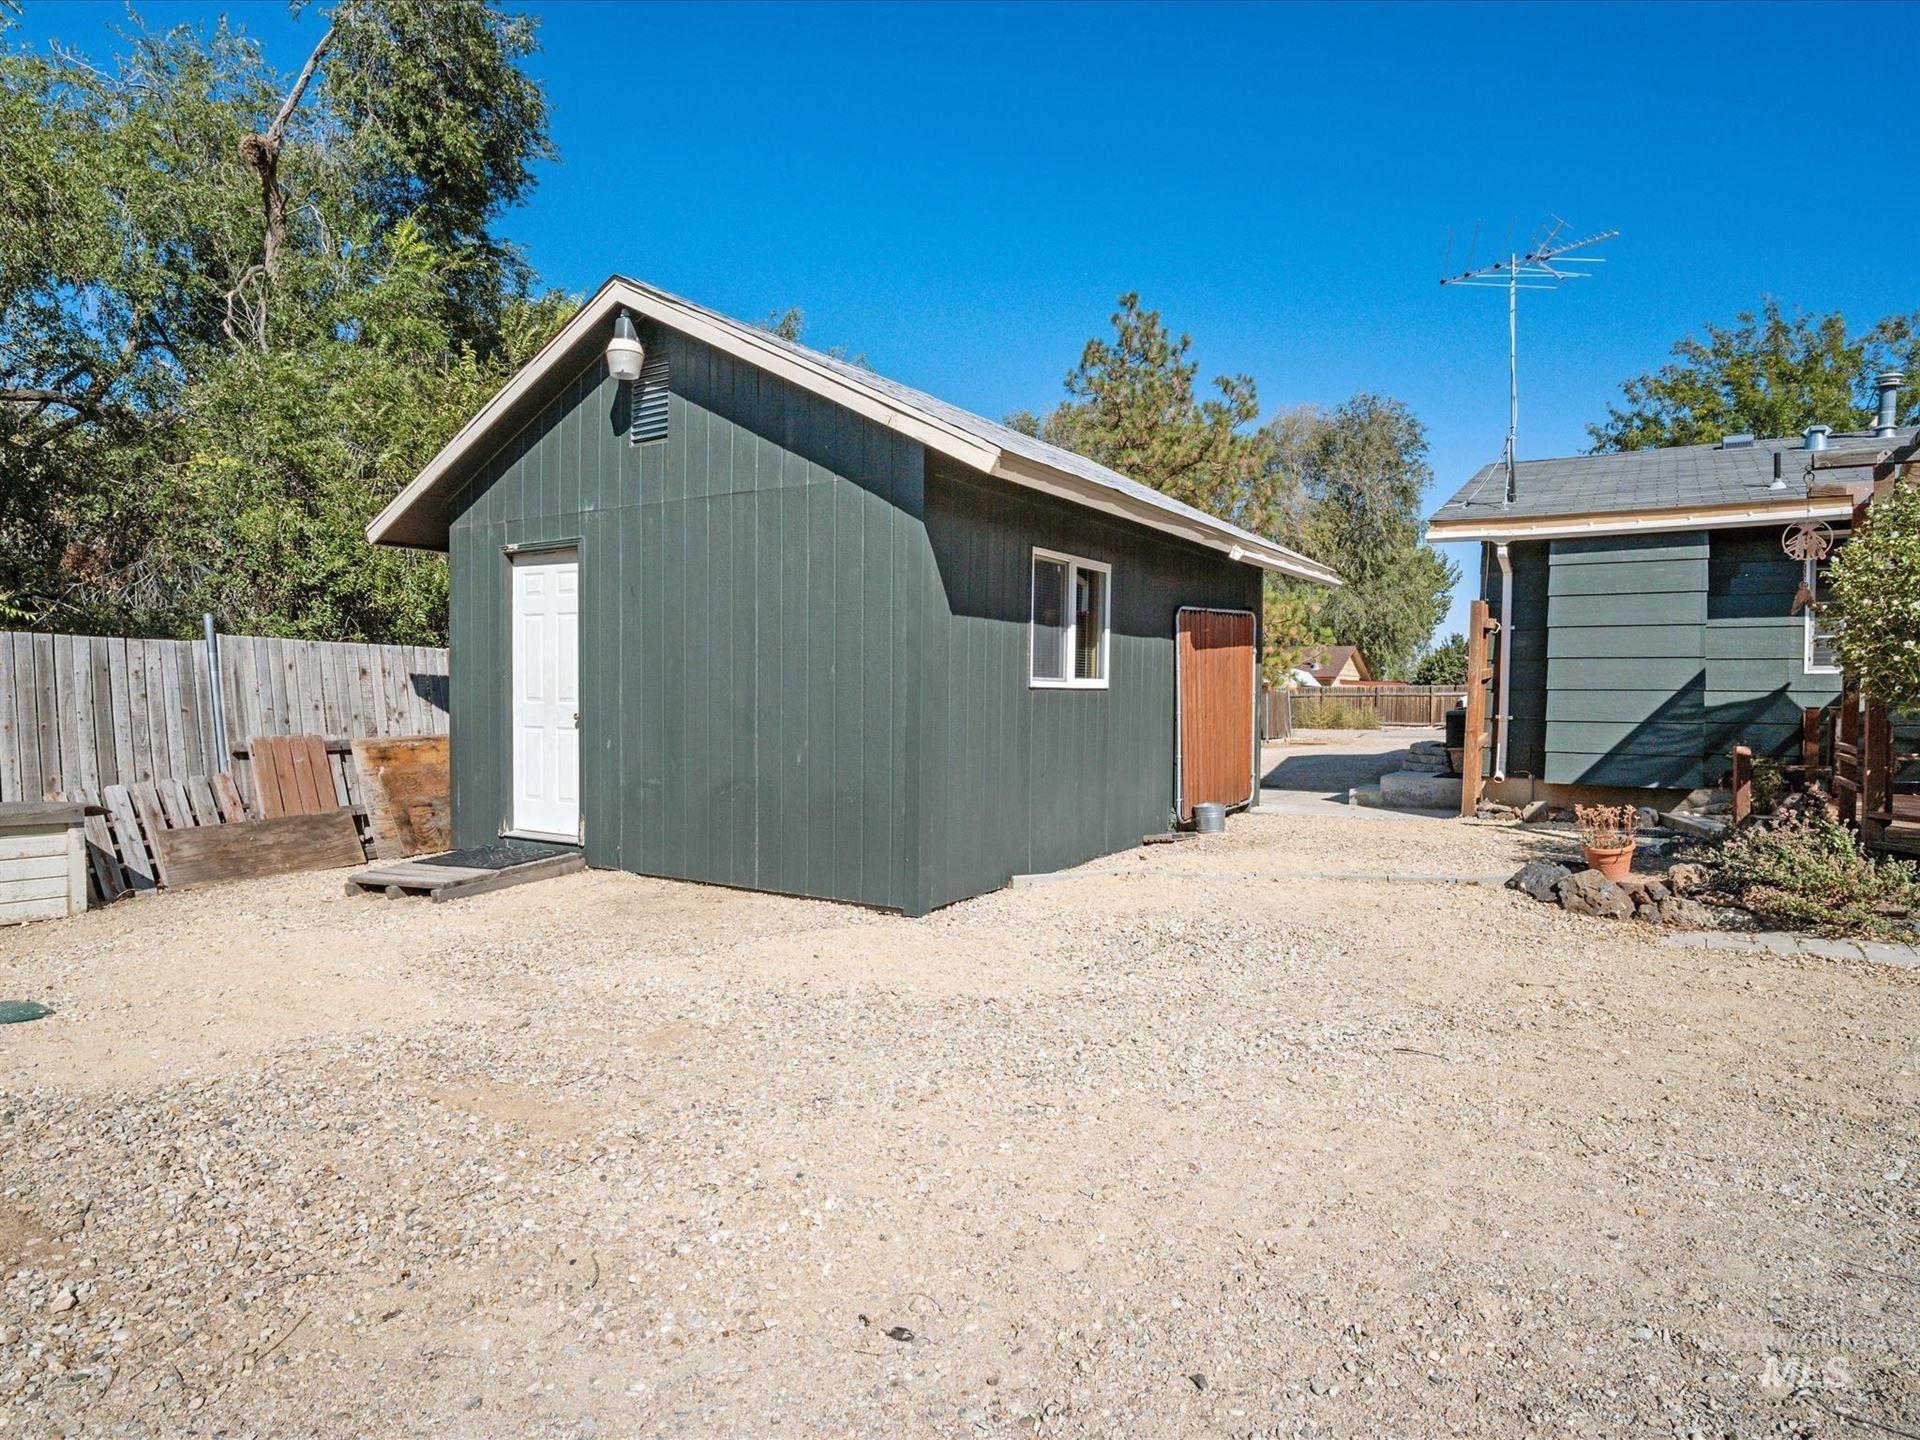 Photo of 7761 Hunt St, Boise, ID 83709 (MLS # 98819275)